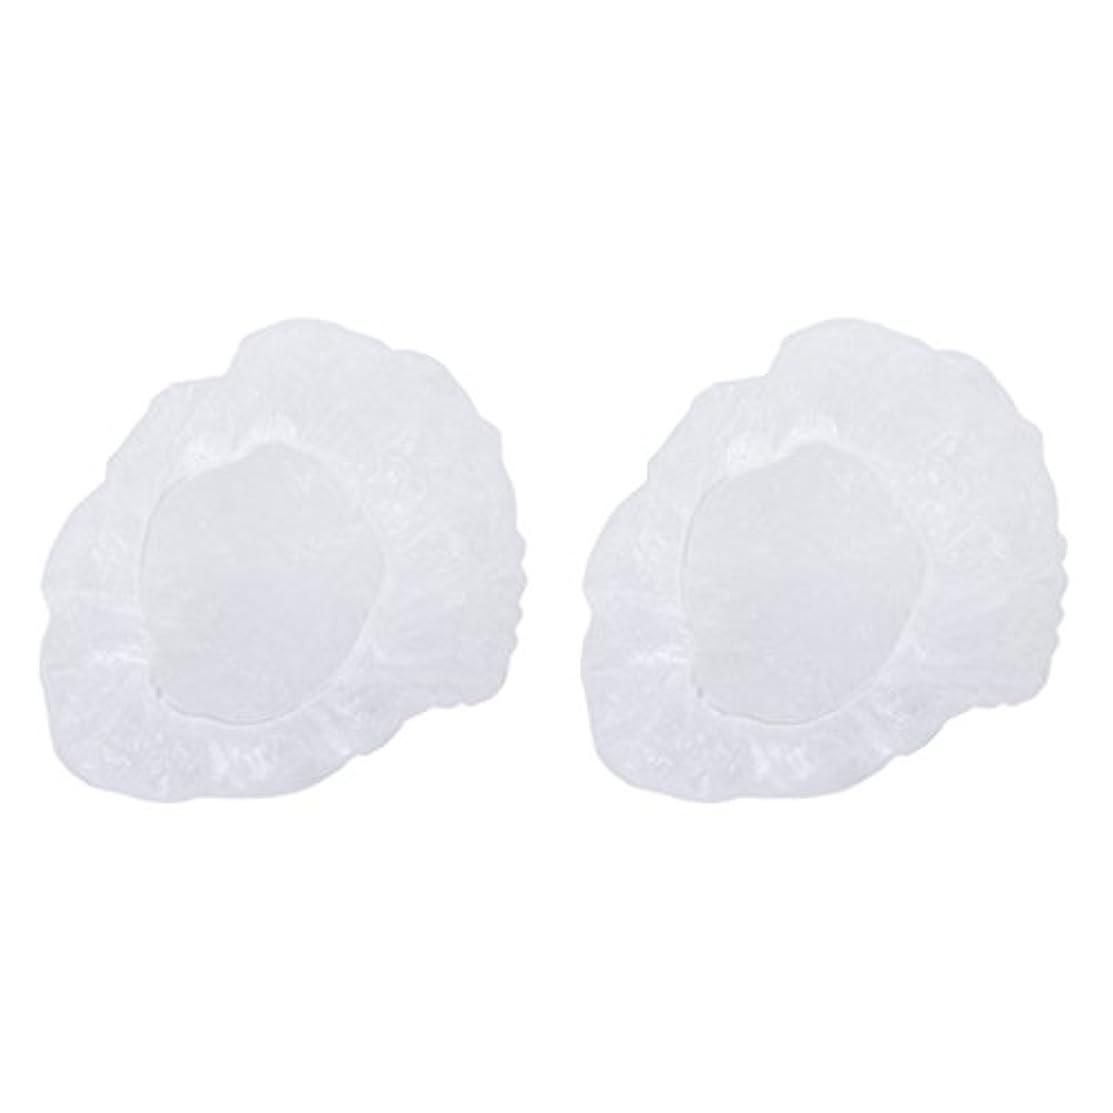 オゾン歪める海賊ポリエチレン シャワーキャップ カバー 使い捨て プラスチック製 シャンプーハット 透明 200枚